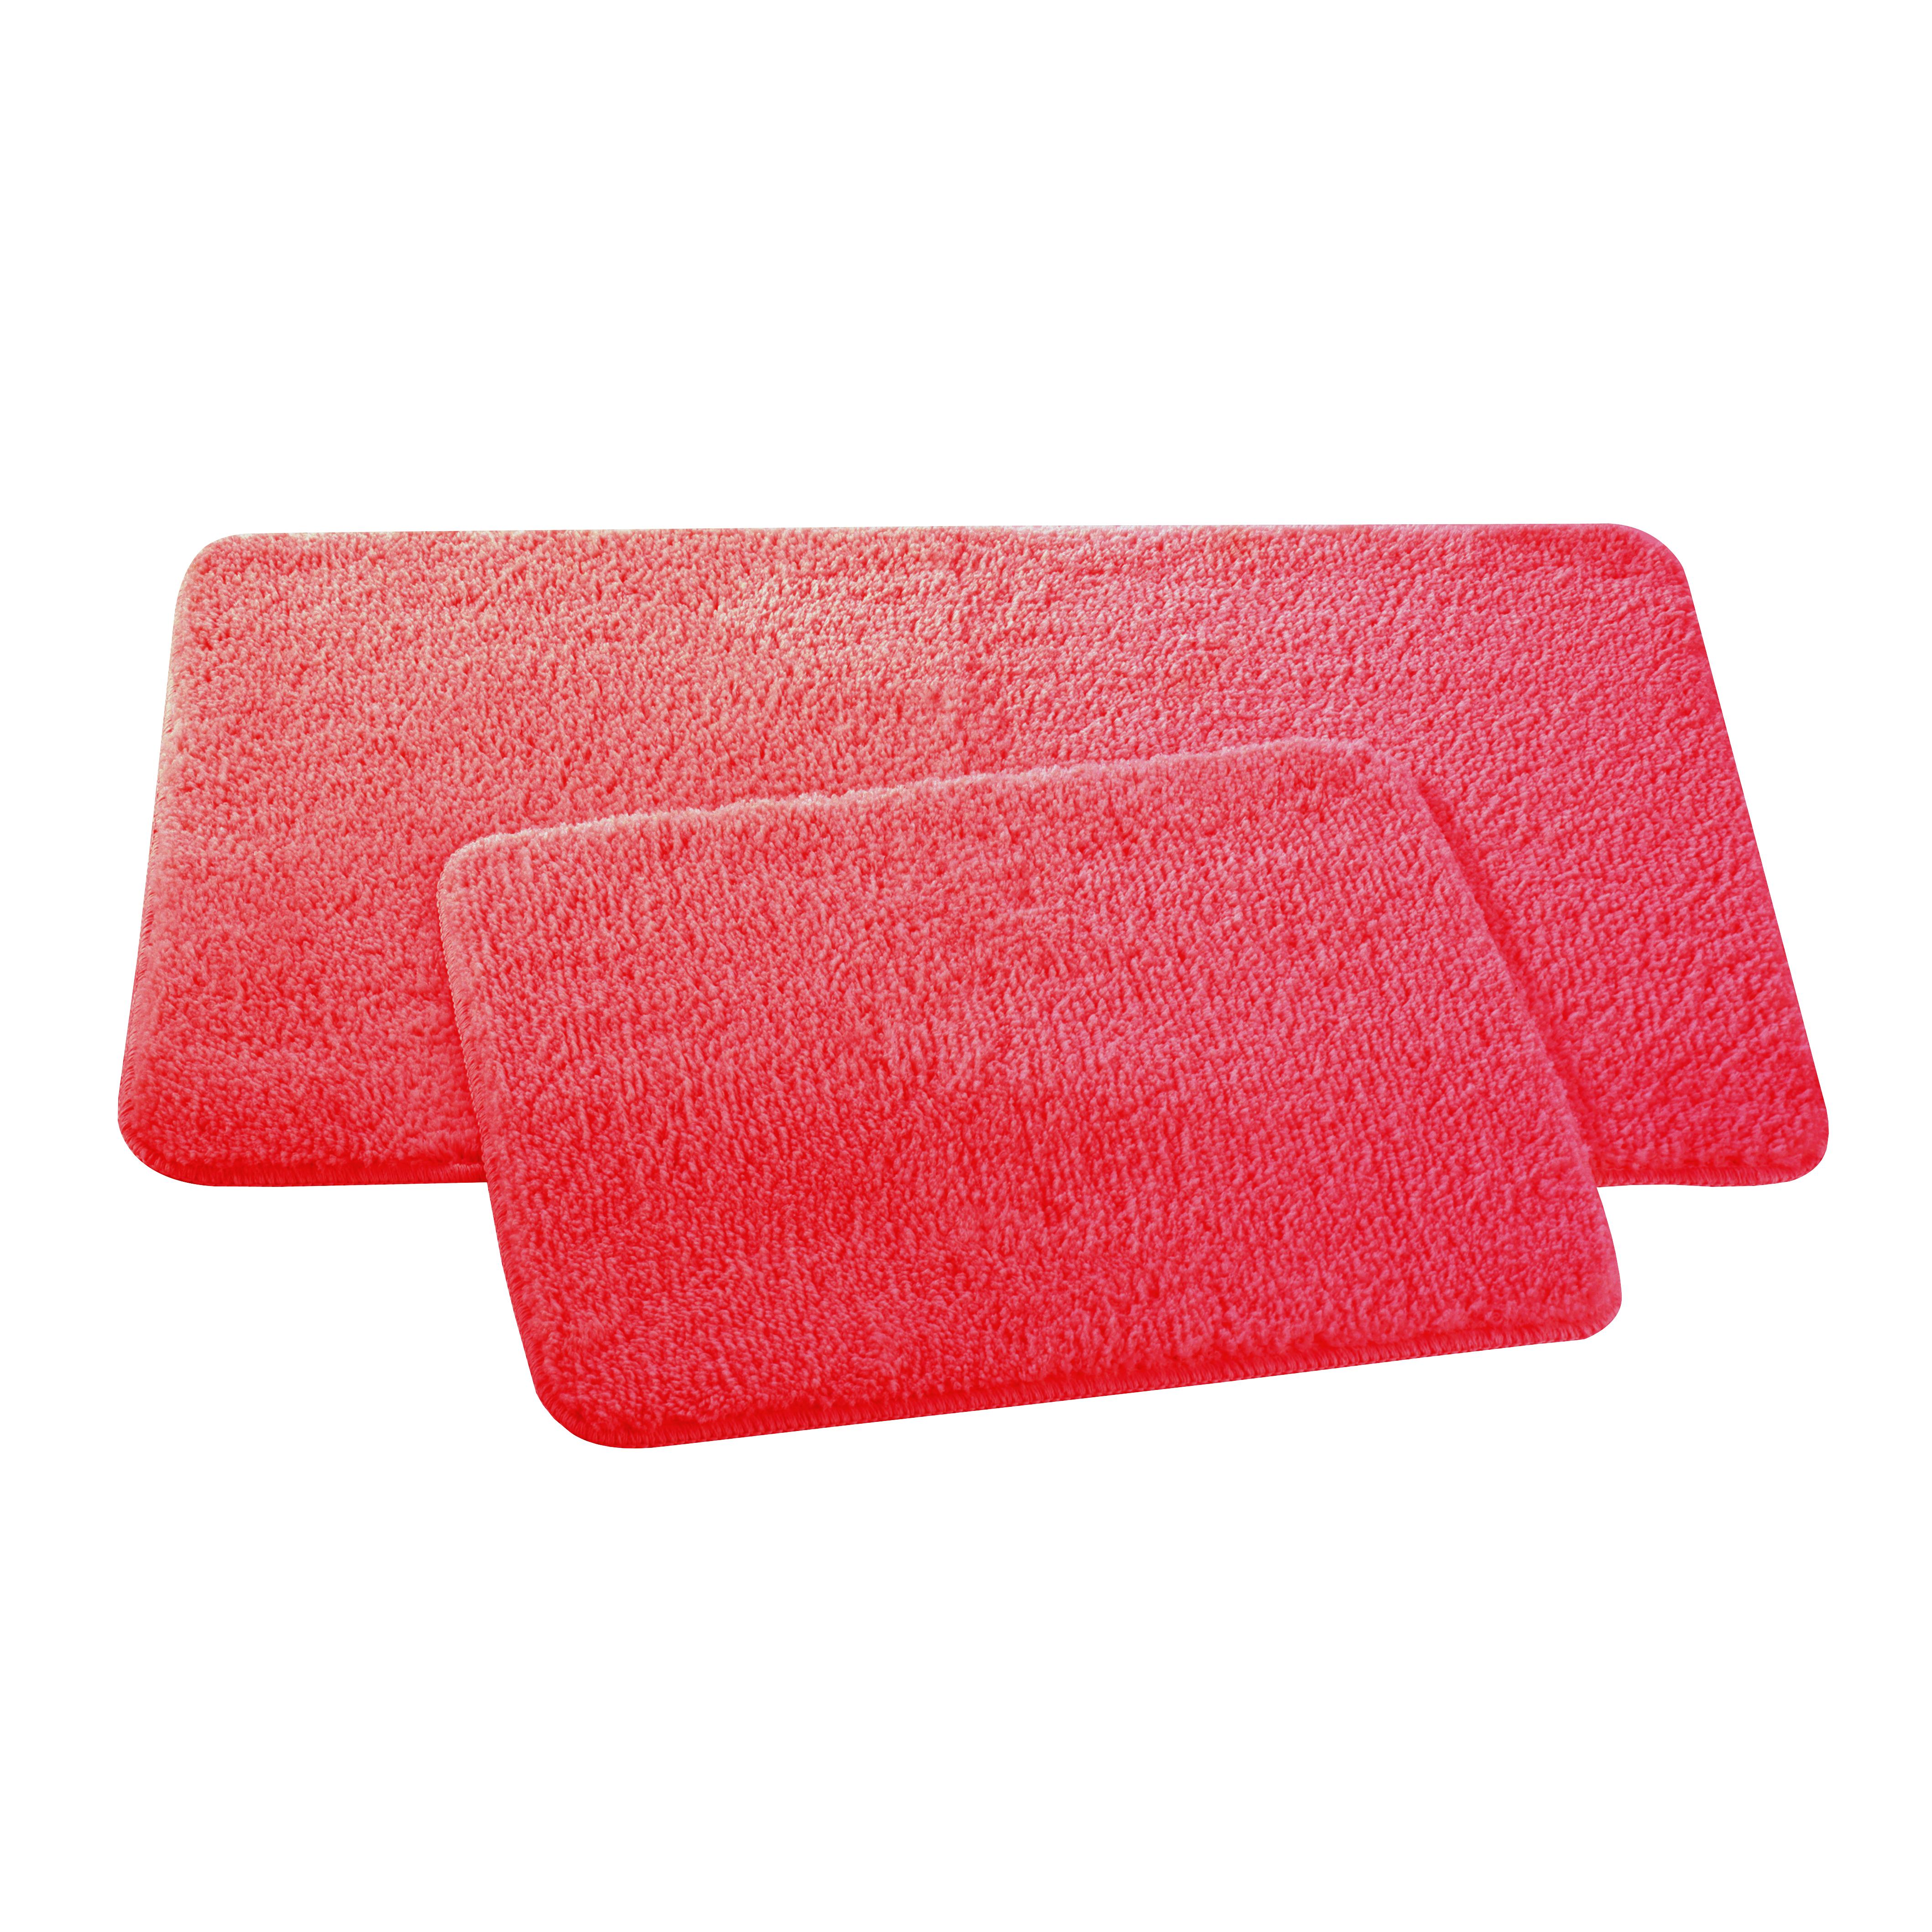 Набор ковриков для ванной и туалета Axentia, цвет: красный, 2 шт116138Набор Axentia, выполненный из микрофибры (100% полиэстер), состоит из двух стеганых ковриков для ванной комнаты и туалета. Противоскользящее основание изготовлено из термопластичной резины и подходит для полов с подогревом. Коврики мягкие и приятные на ощупь, отлично впитывают влагу и быстро сохнут. Высокая износостойкость ковриков и стойкость цвета позволит вам наслаждаться покупкой долгие годы. Можно стирать в стиральной машине. Размер ковриков: 50 х 80 см; 50 х 40 см.Высота ворса 1,5 см.